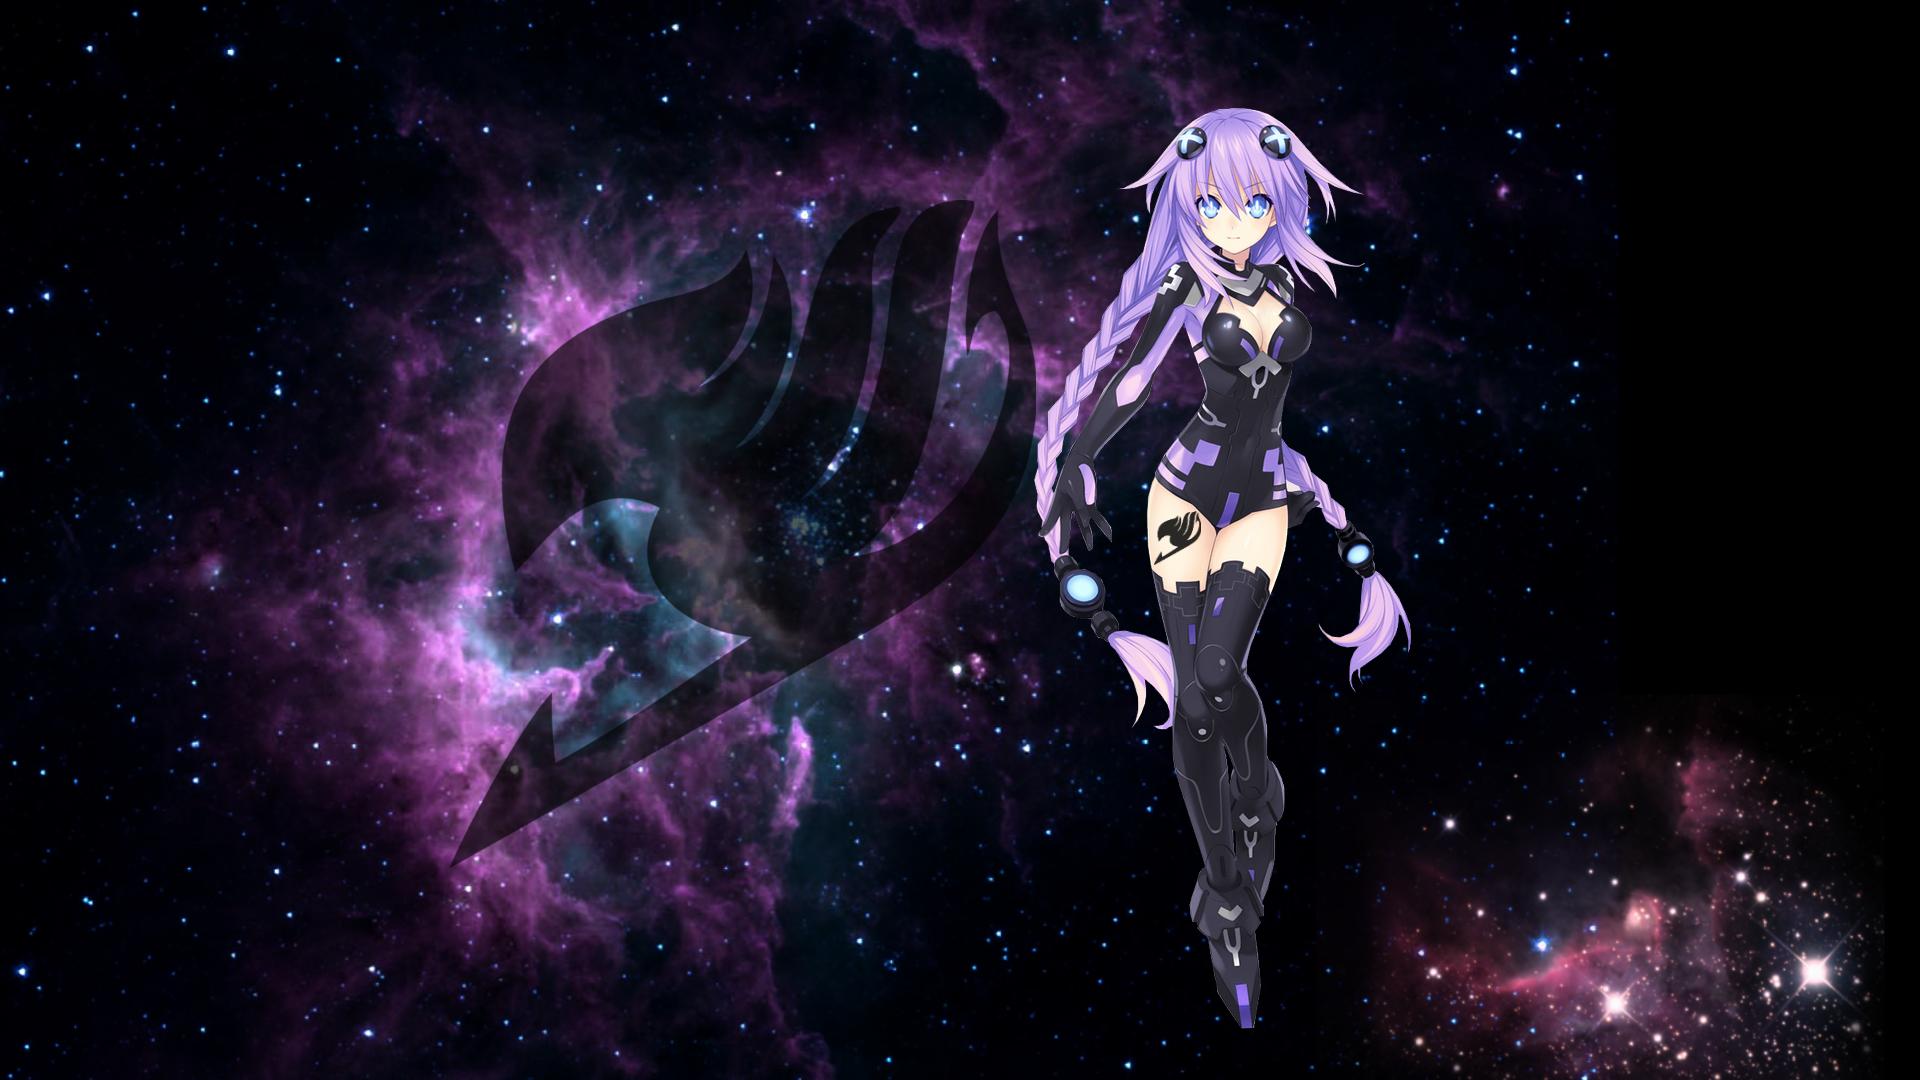 Image Result For Download Wallpaper Anime Japan